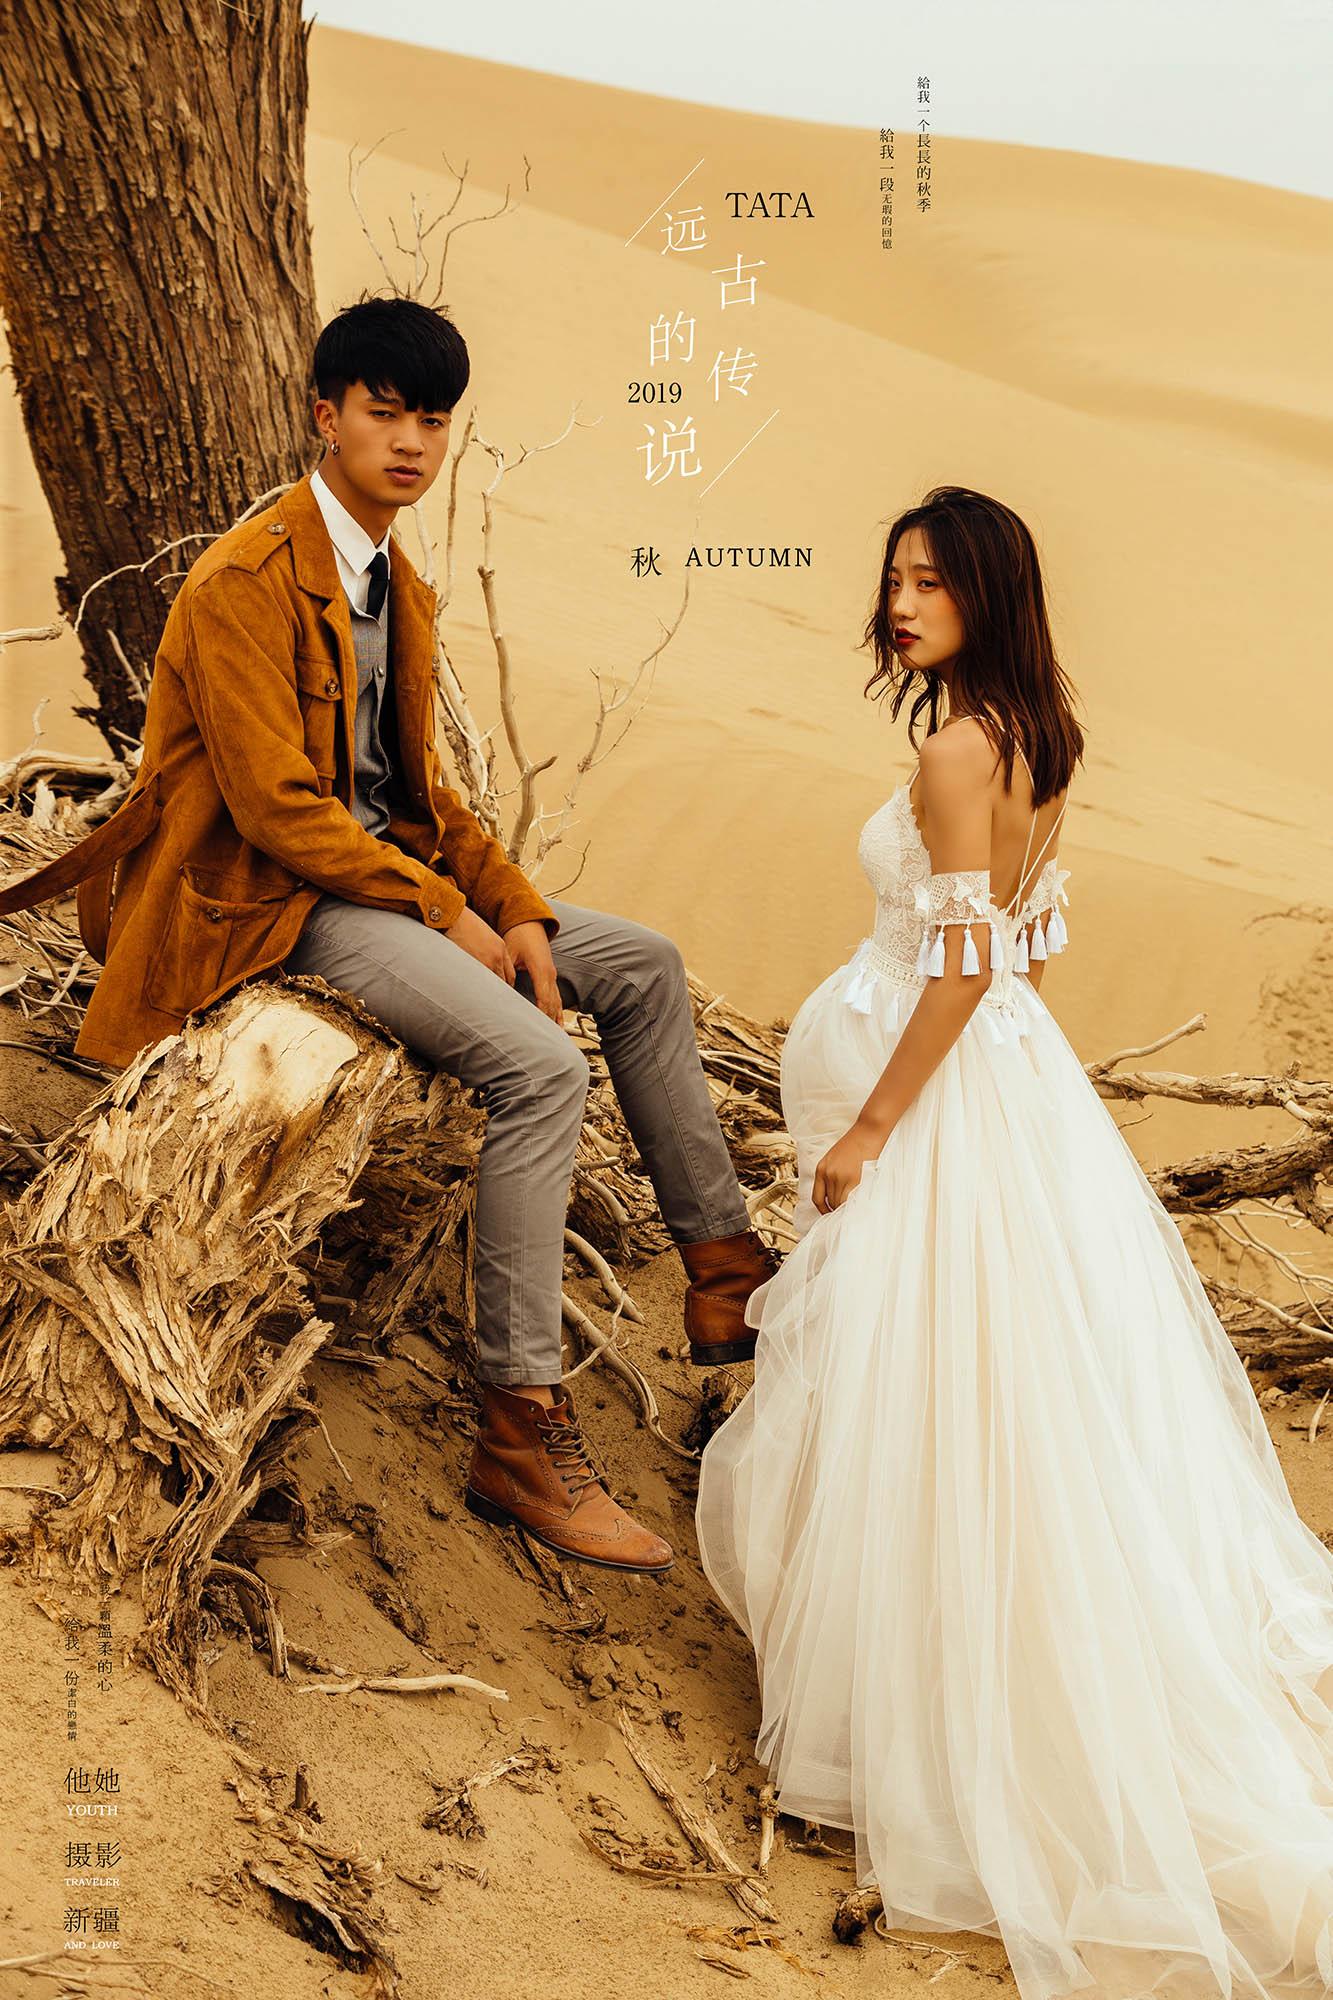 旅拍婚纱照,新疆旅拍,成都小众婚纱照,成都婚纱照,成都婚纱照摄影,成都婚纱摄影工作室,婚纱照